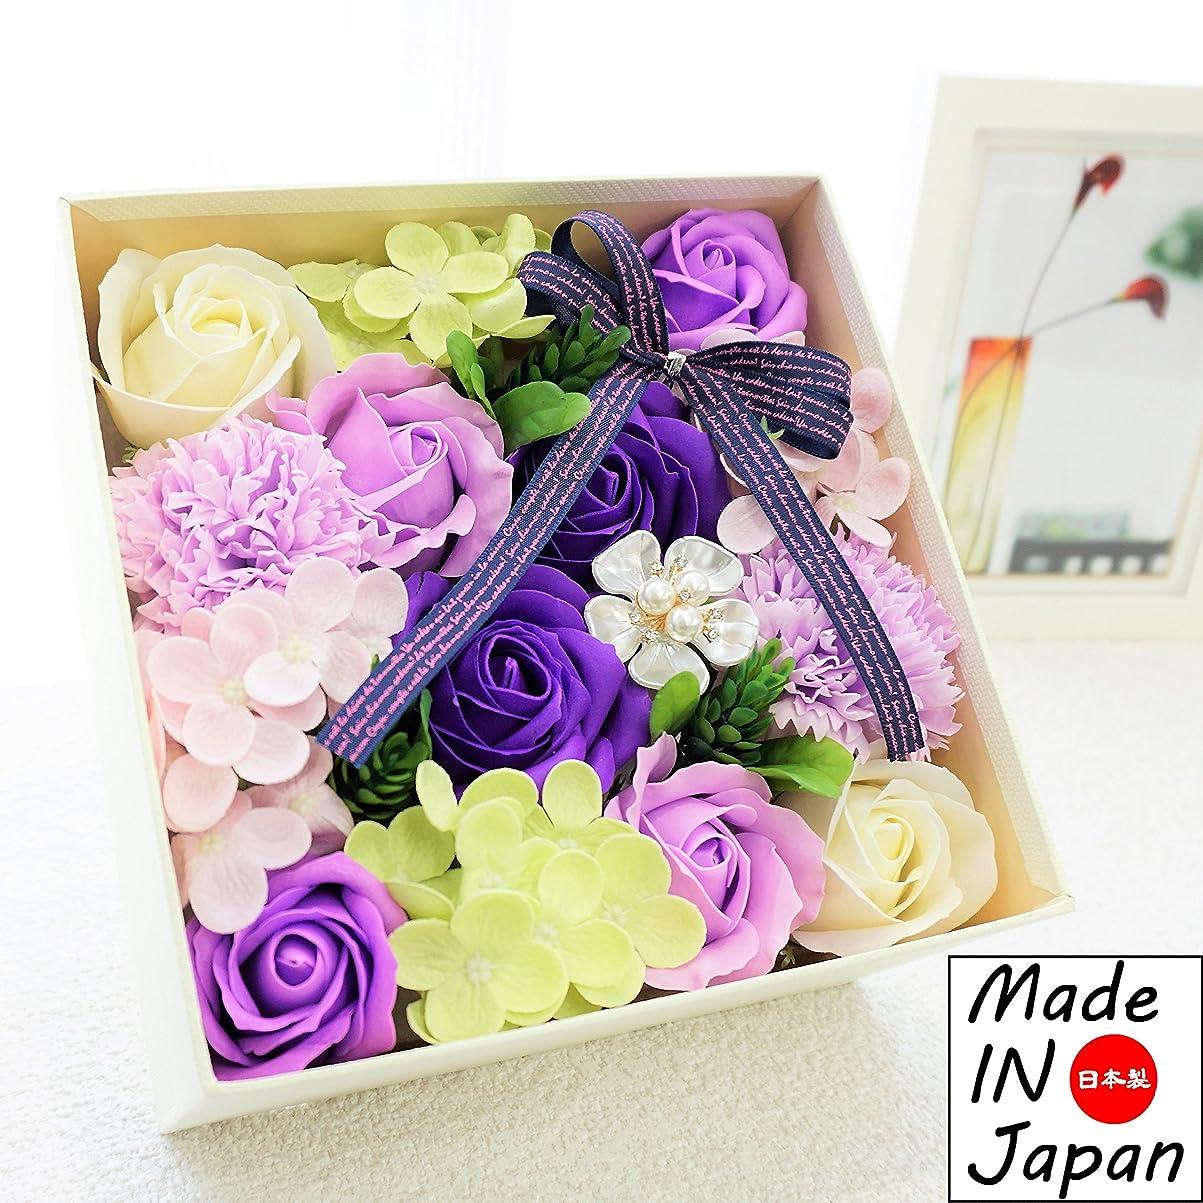 屋内で心理的に正午Made in japan BIOフレグランスソープフラワー 窓付きスクエアボックスL 日本デザイン お祝い 記念日 お見舞い ホワイトデー 母の日 父の日 (パープル)